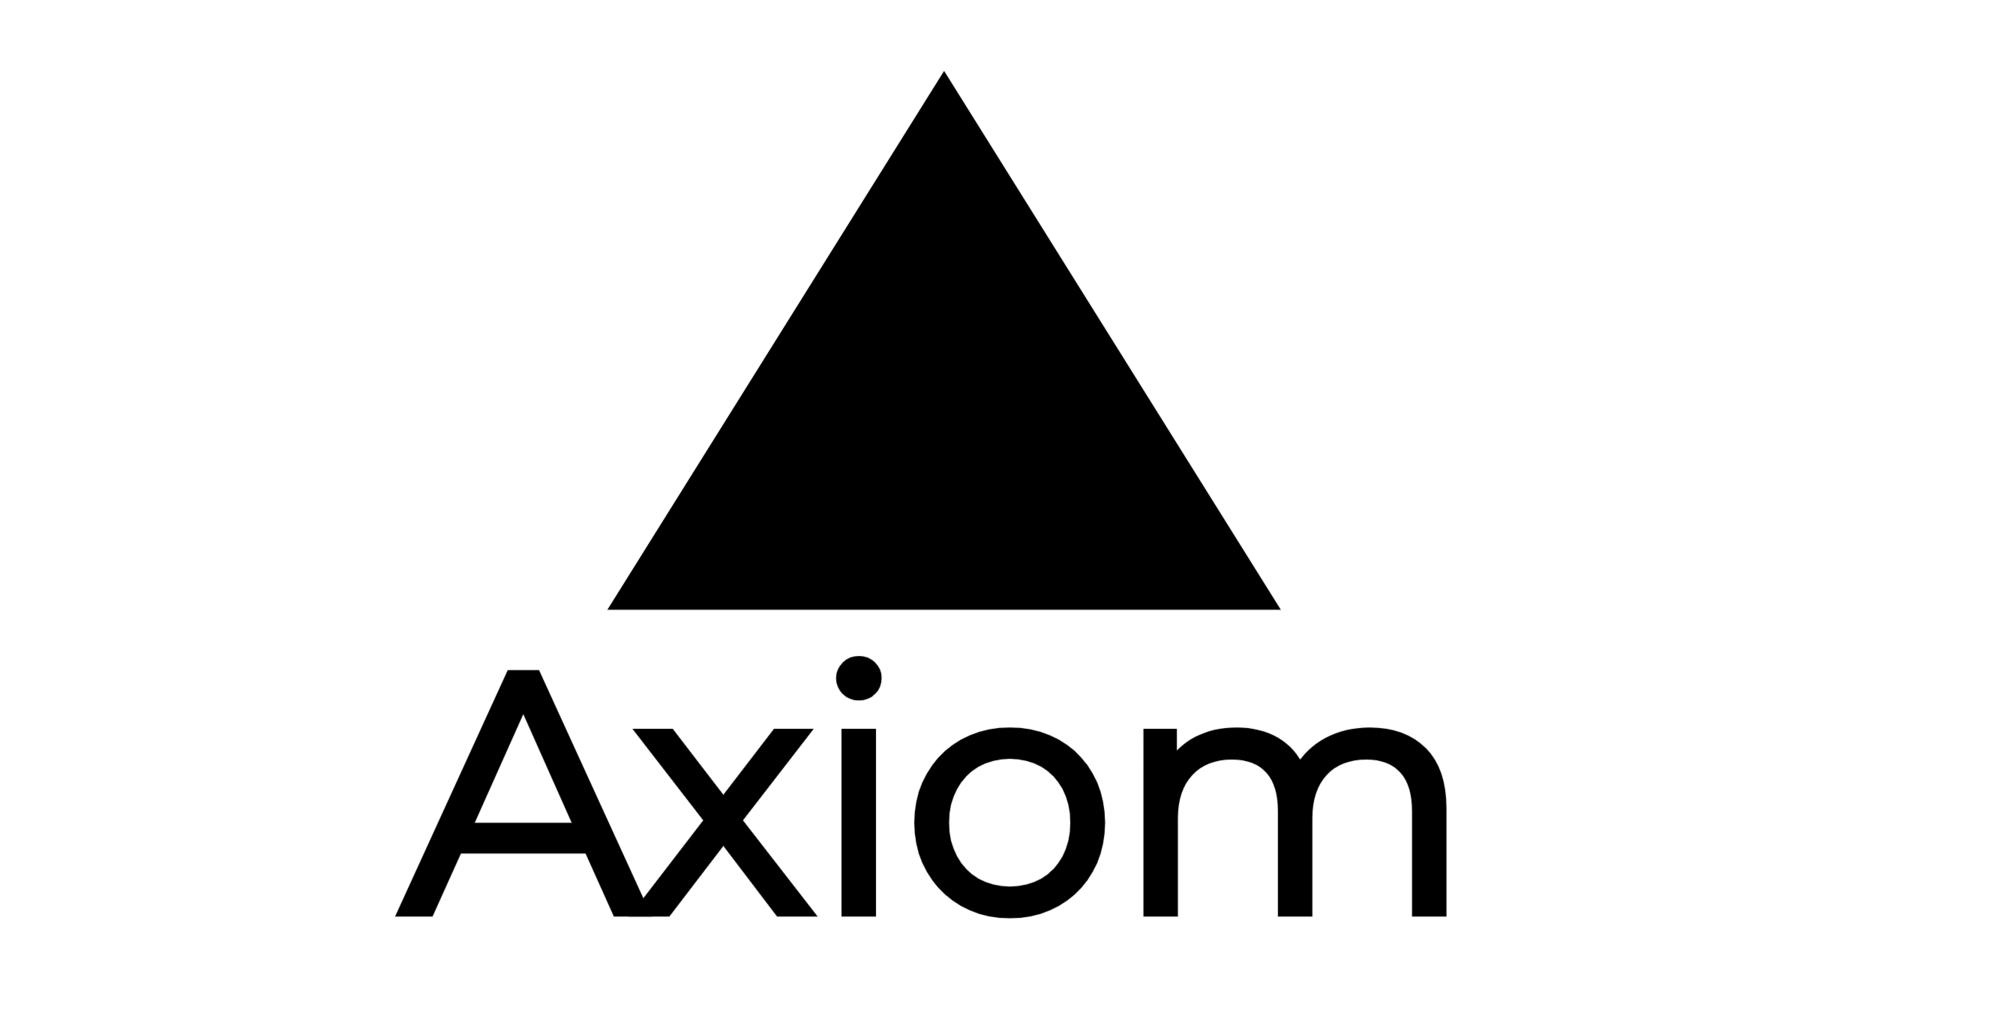 Axiom LLC